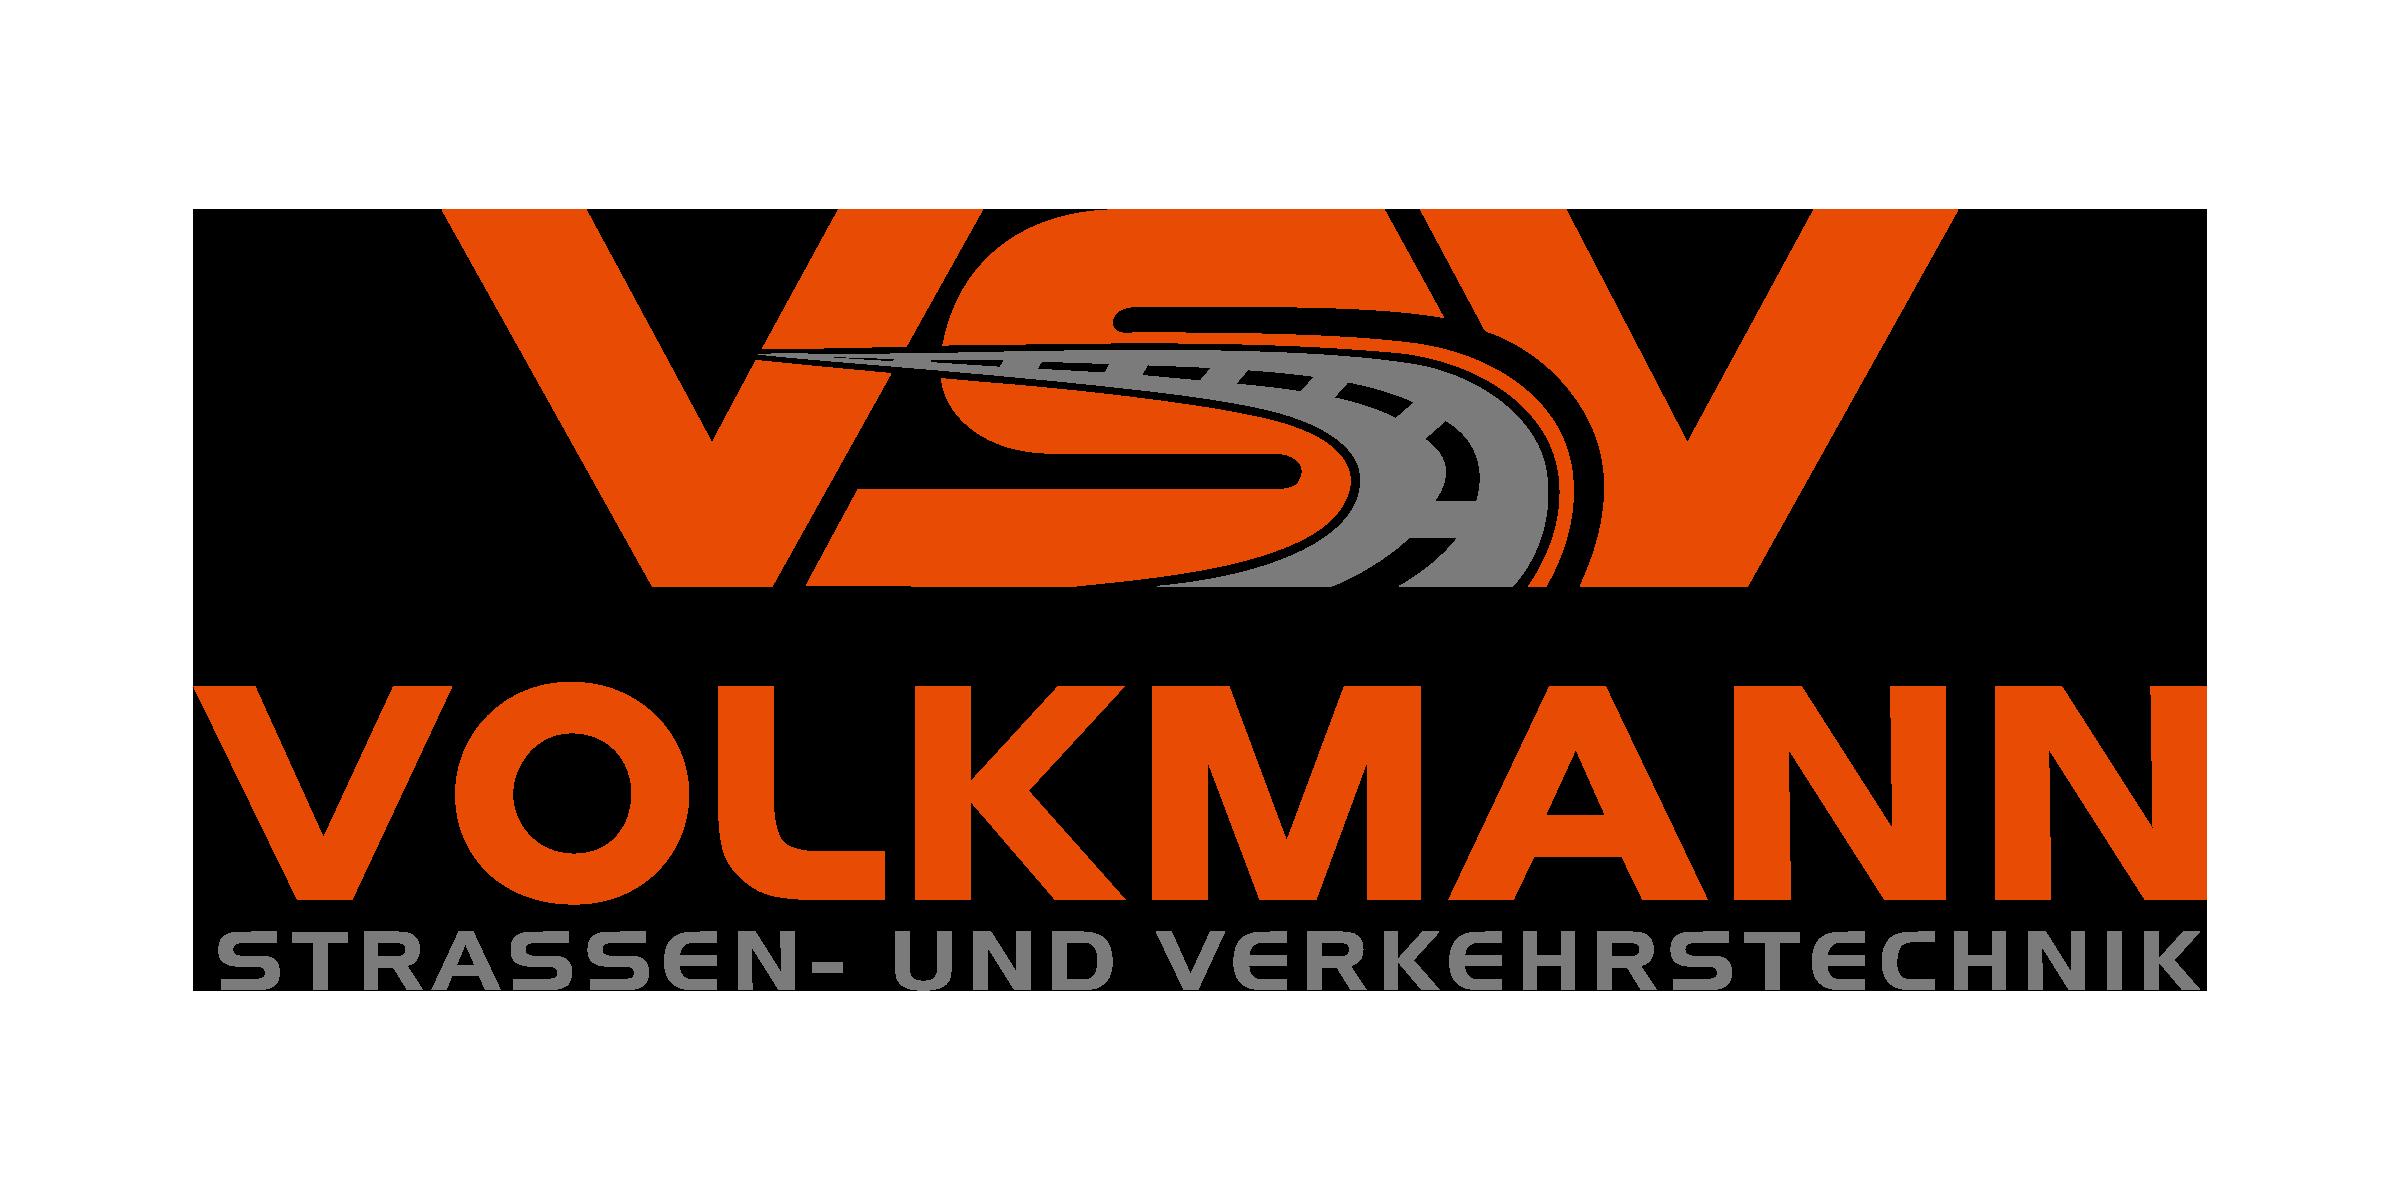 Volkmann Strassen- und Verkehrstechnik GmbH